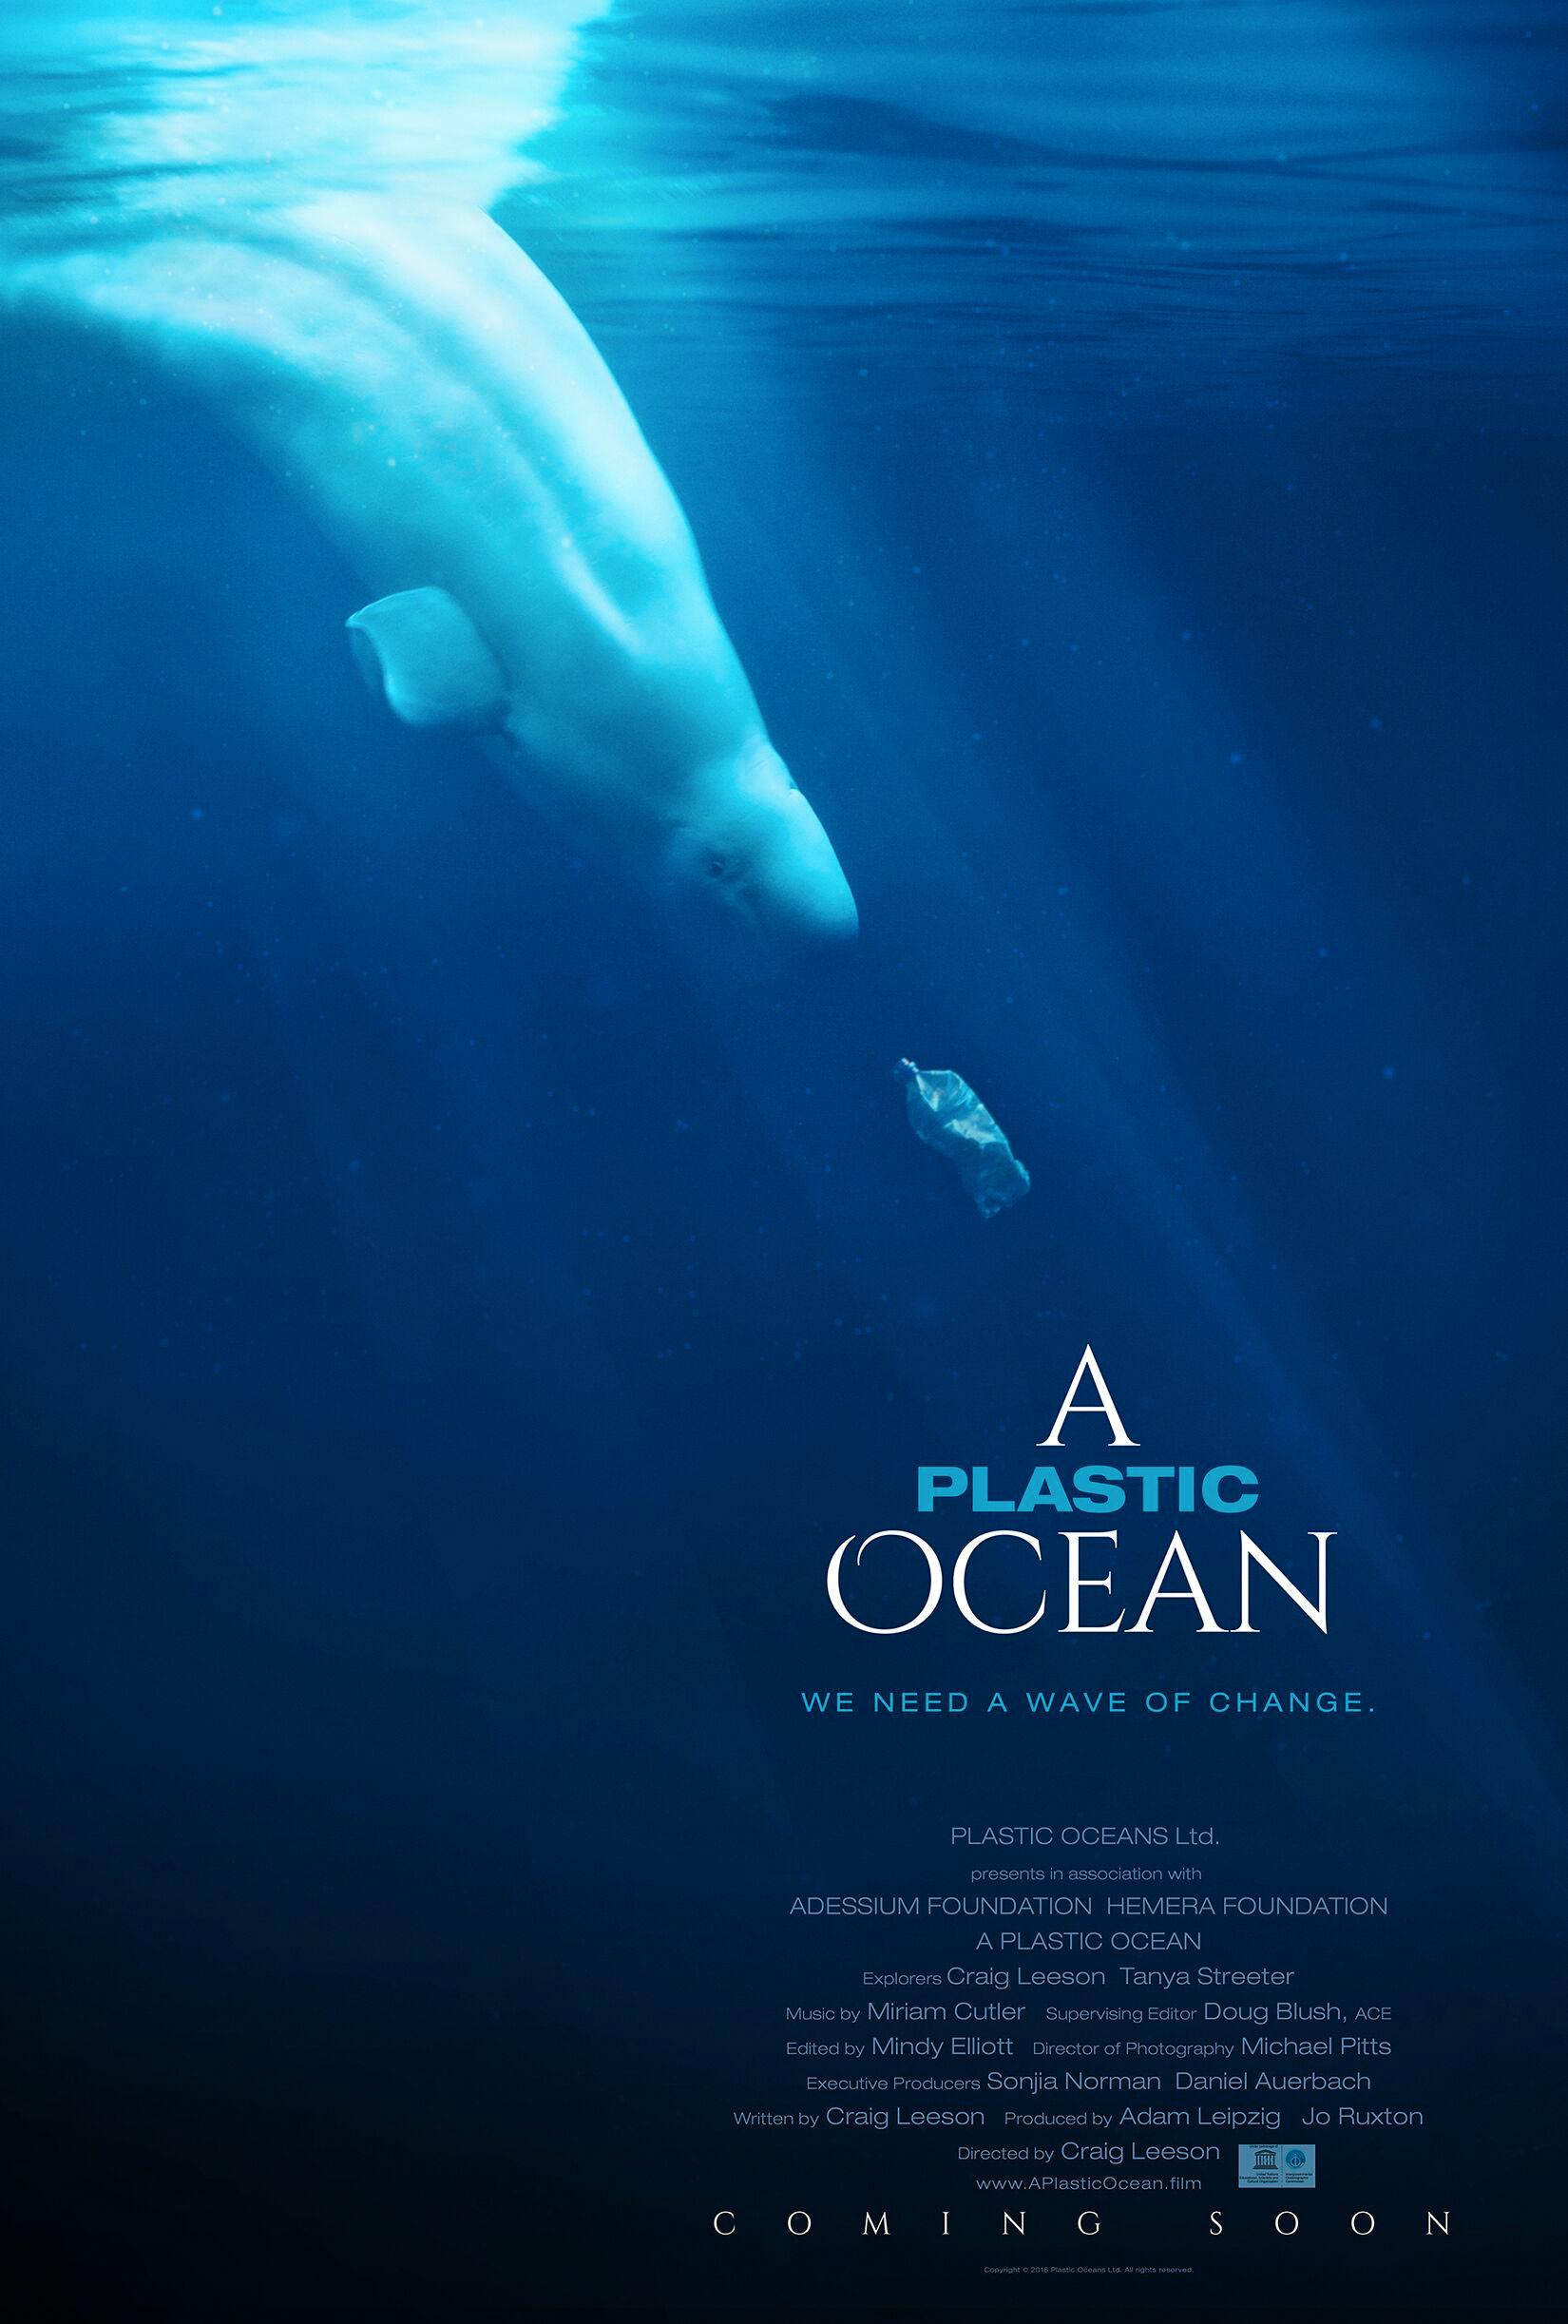 A Plastic Ocean – The Film